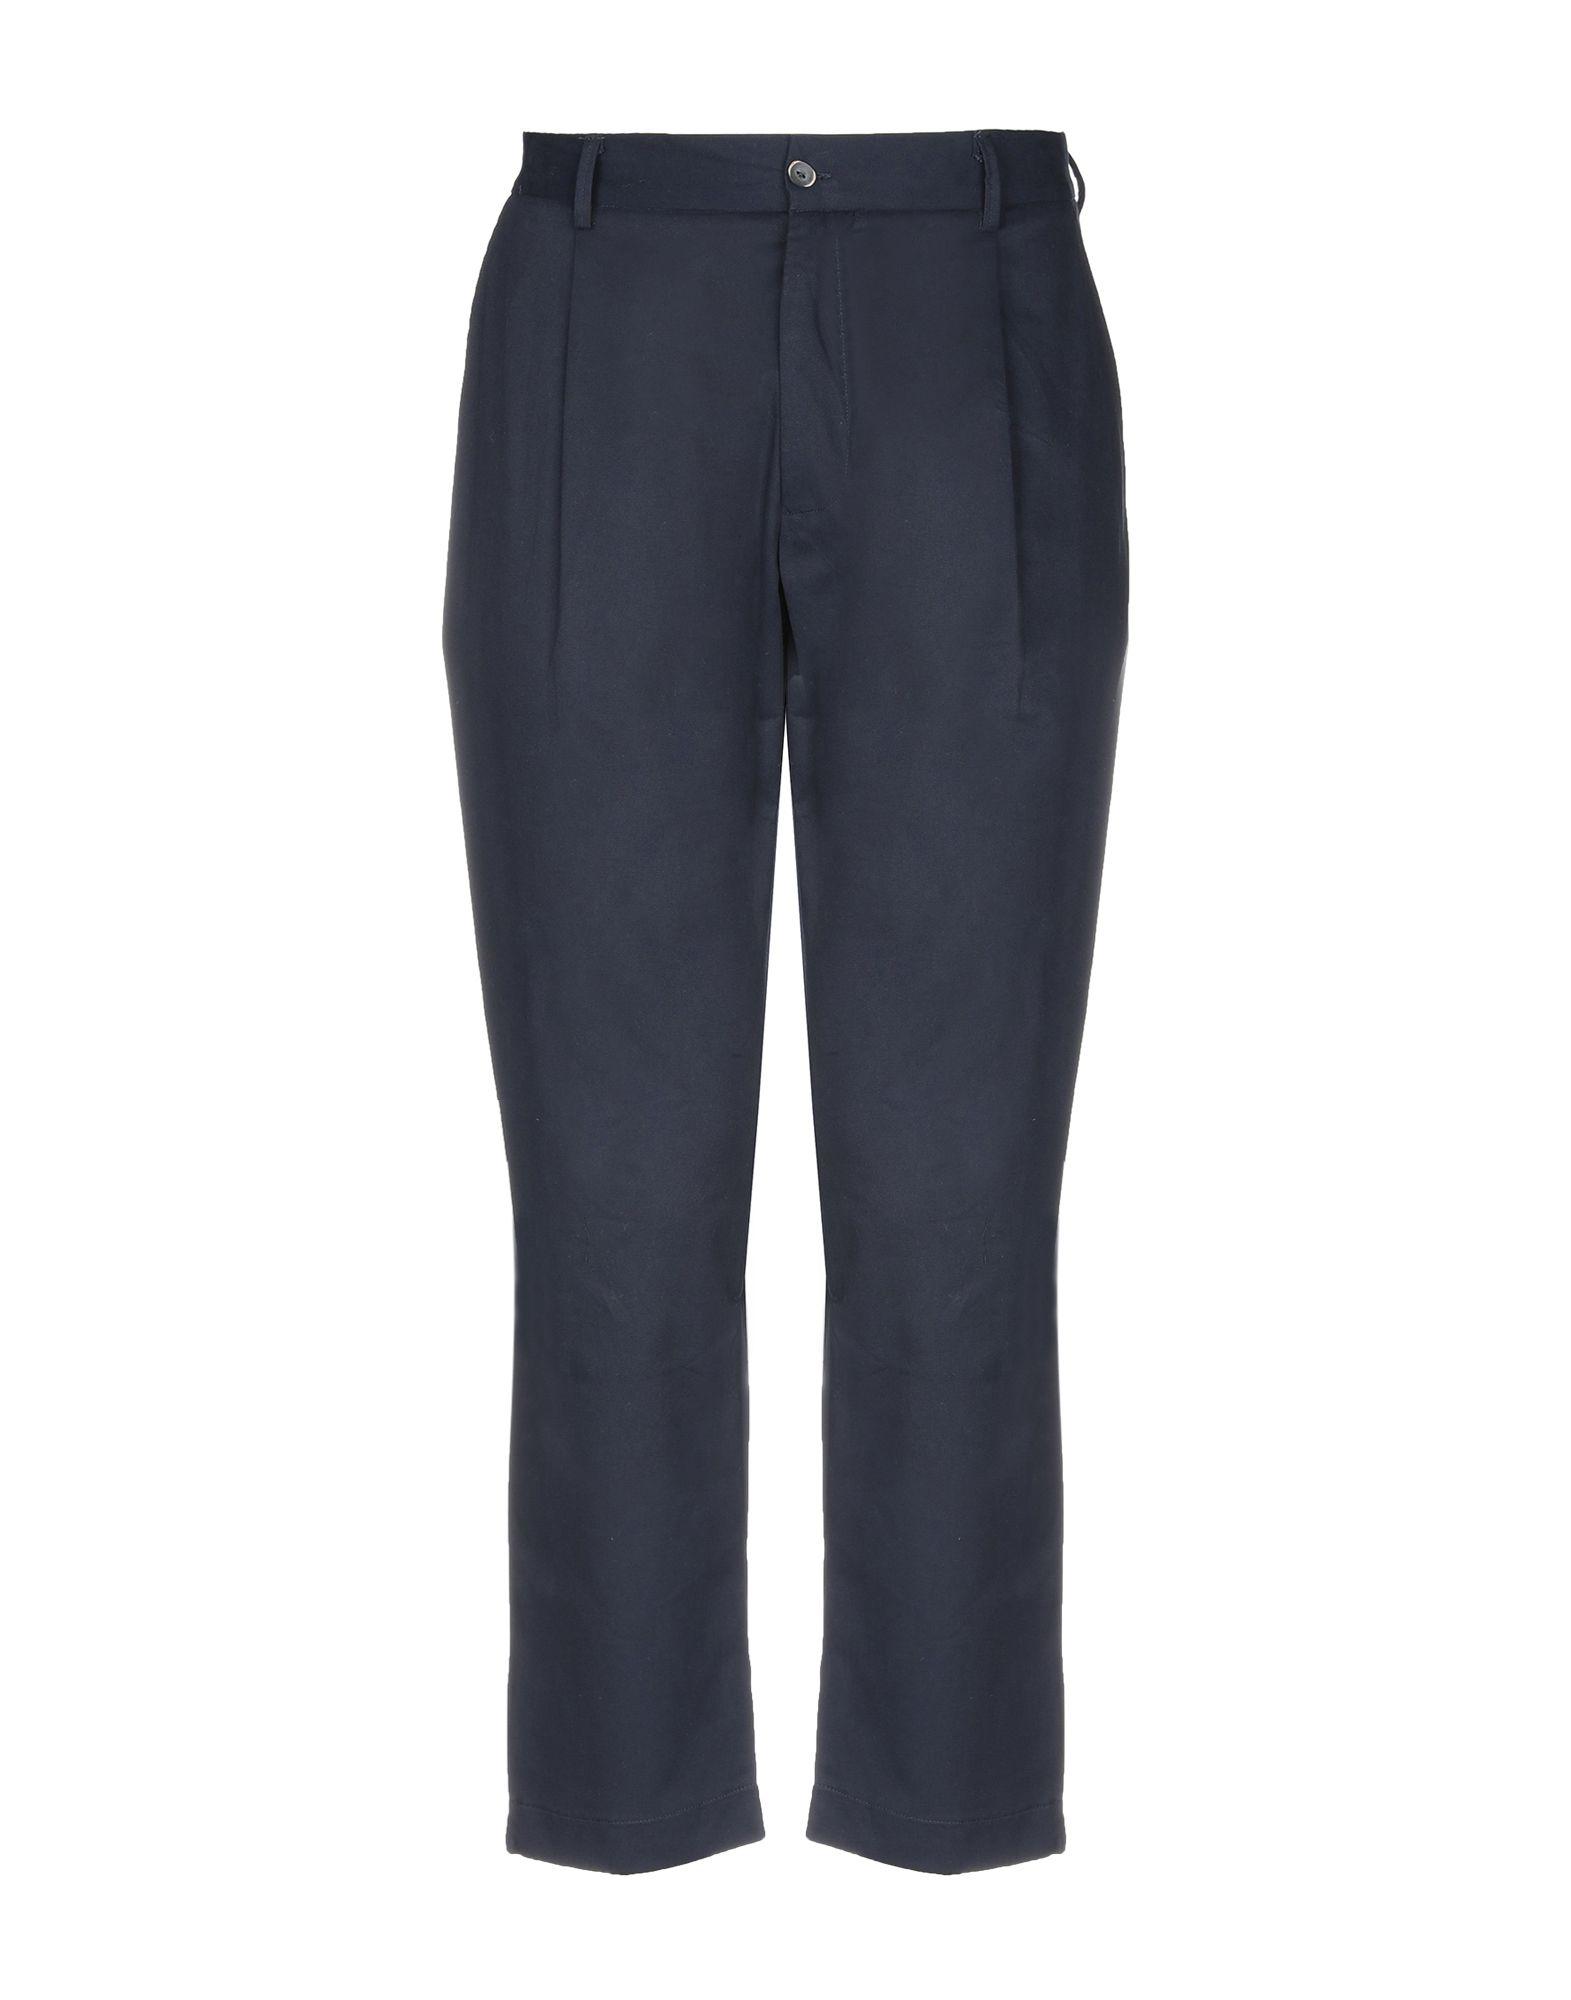 Pantalone Corelate uomo - 13231154QK 13231154QK  hochwertige Ware und bequemer, ehrlicher Service